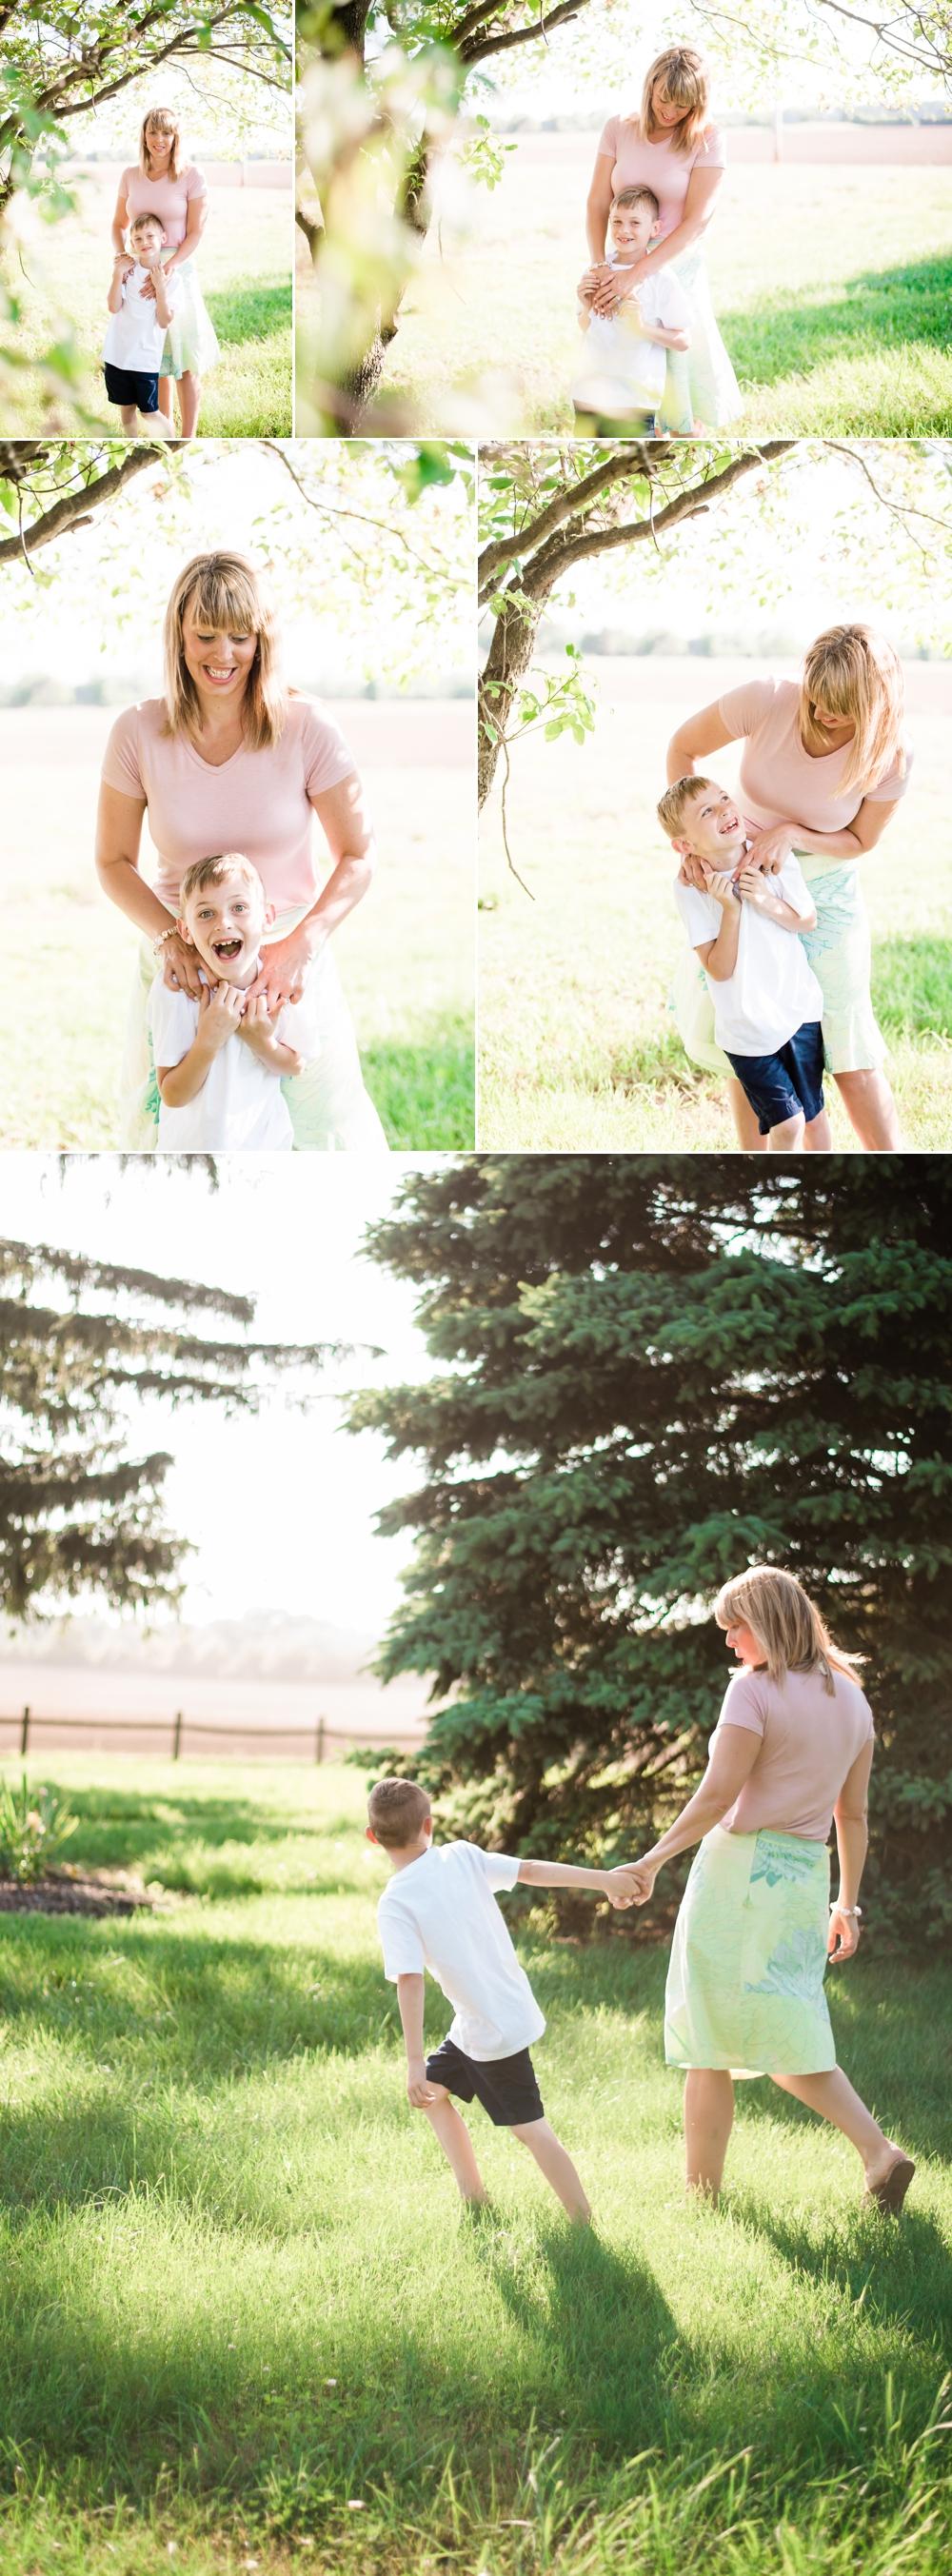 graham mommy me 7.jpg